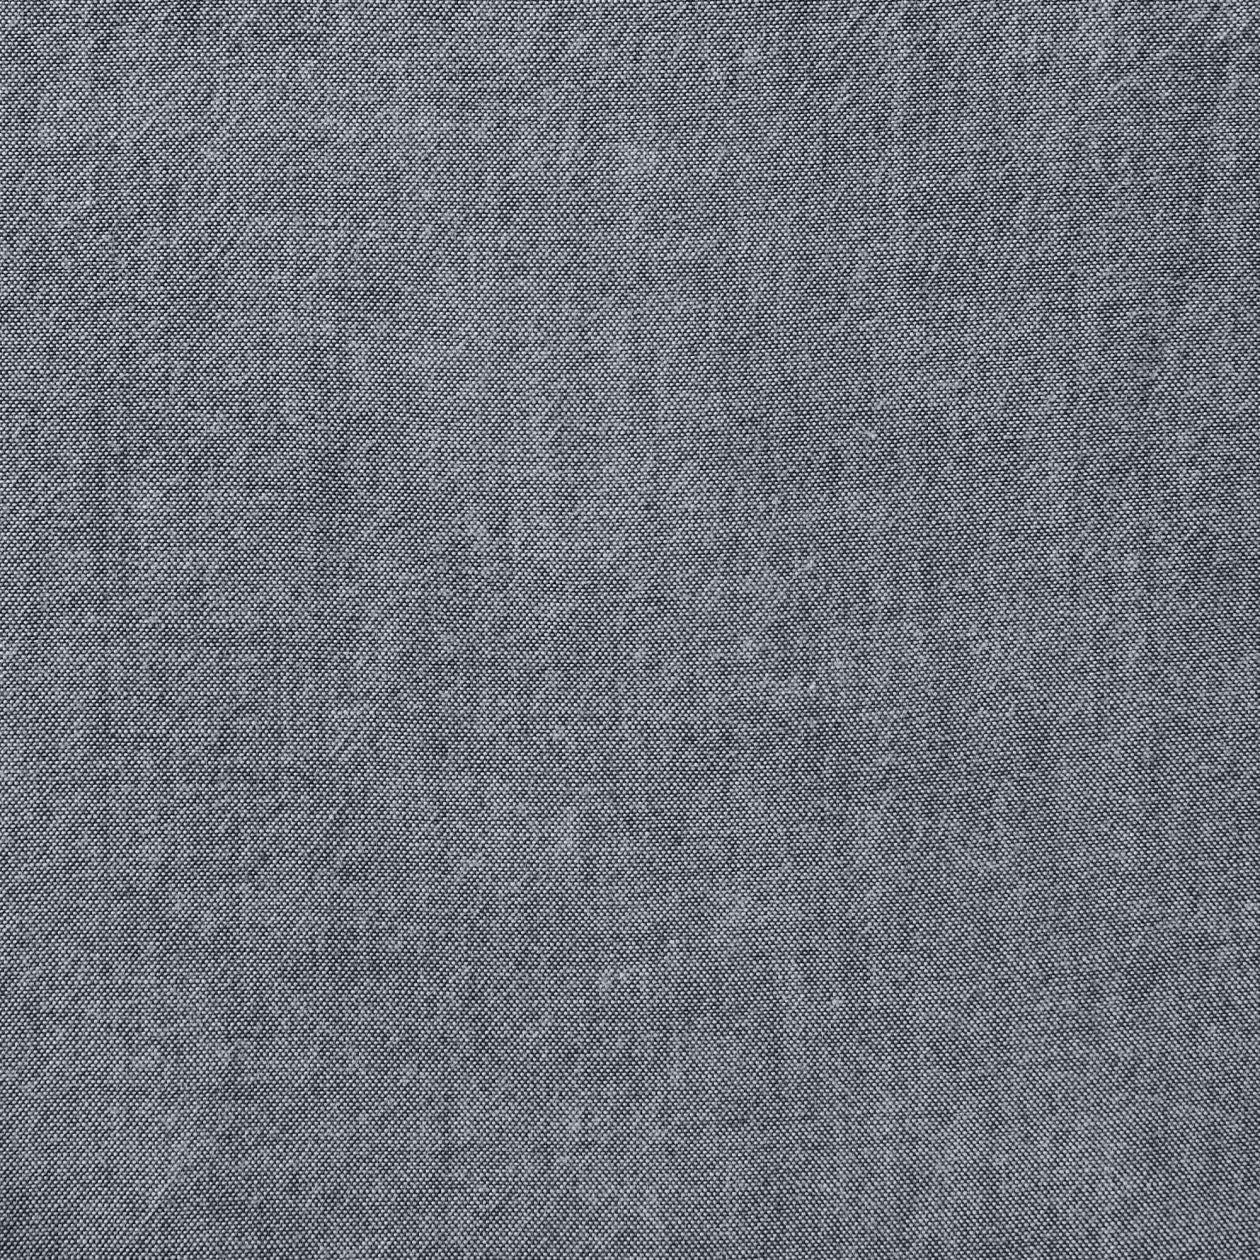 無印良品 綿洗いざらしボックスシーツ・D/ネイビー